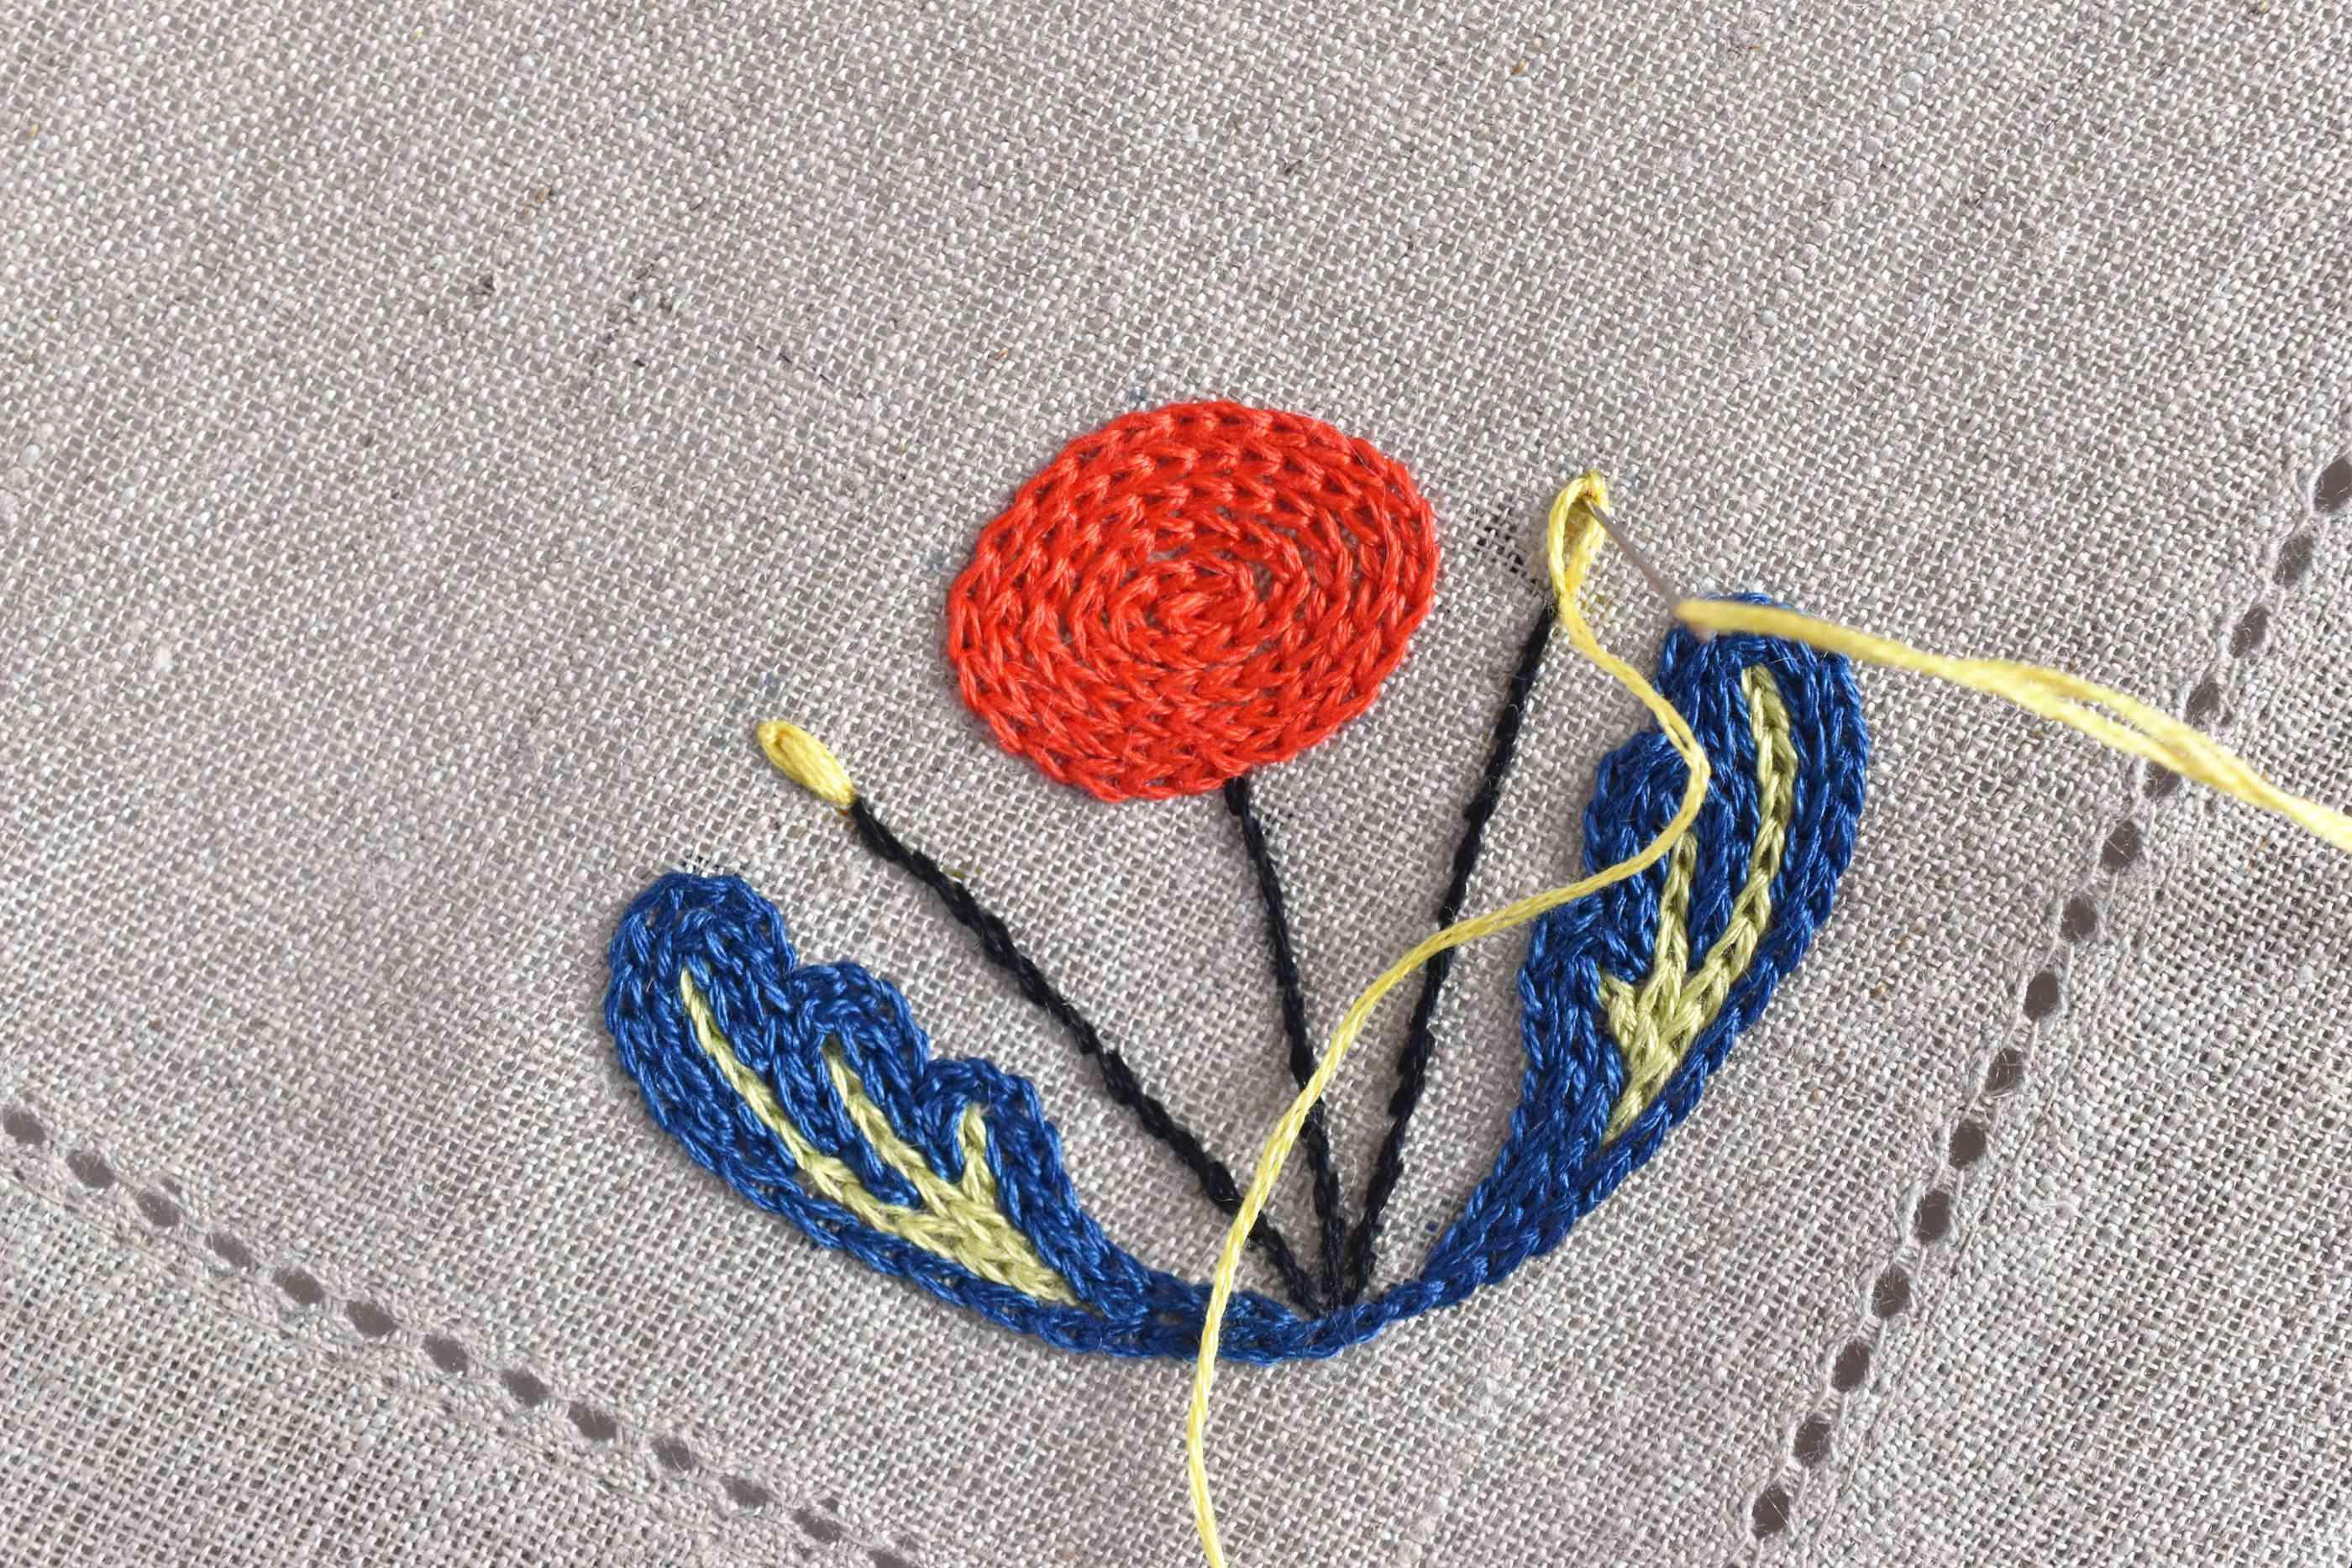 Embroidering a Scandinavian flower